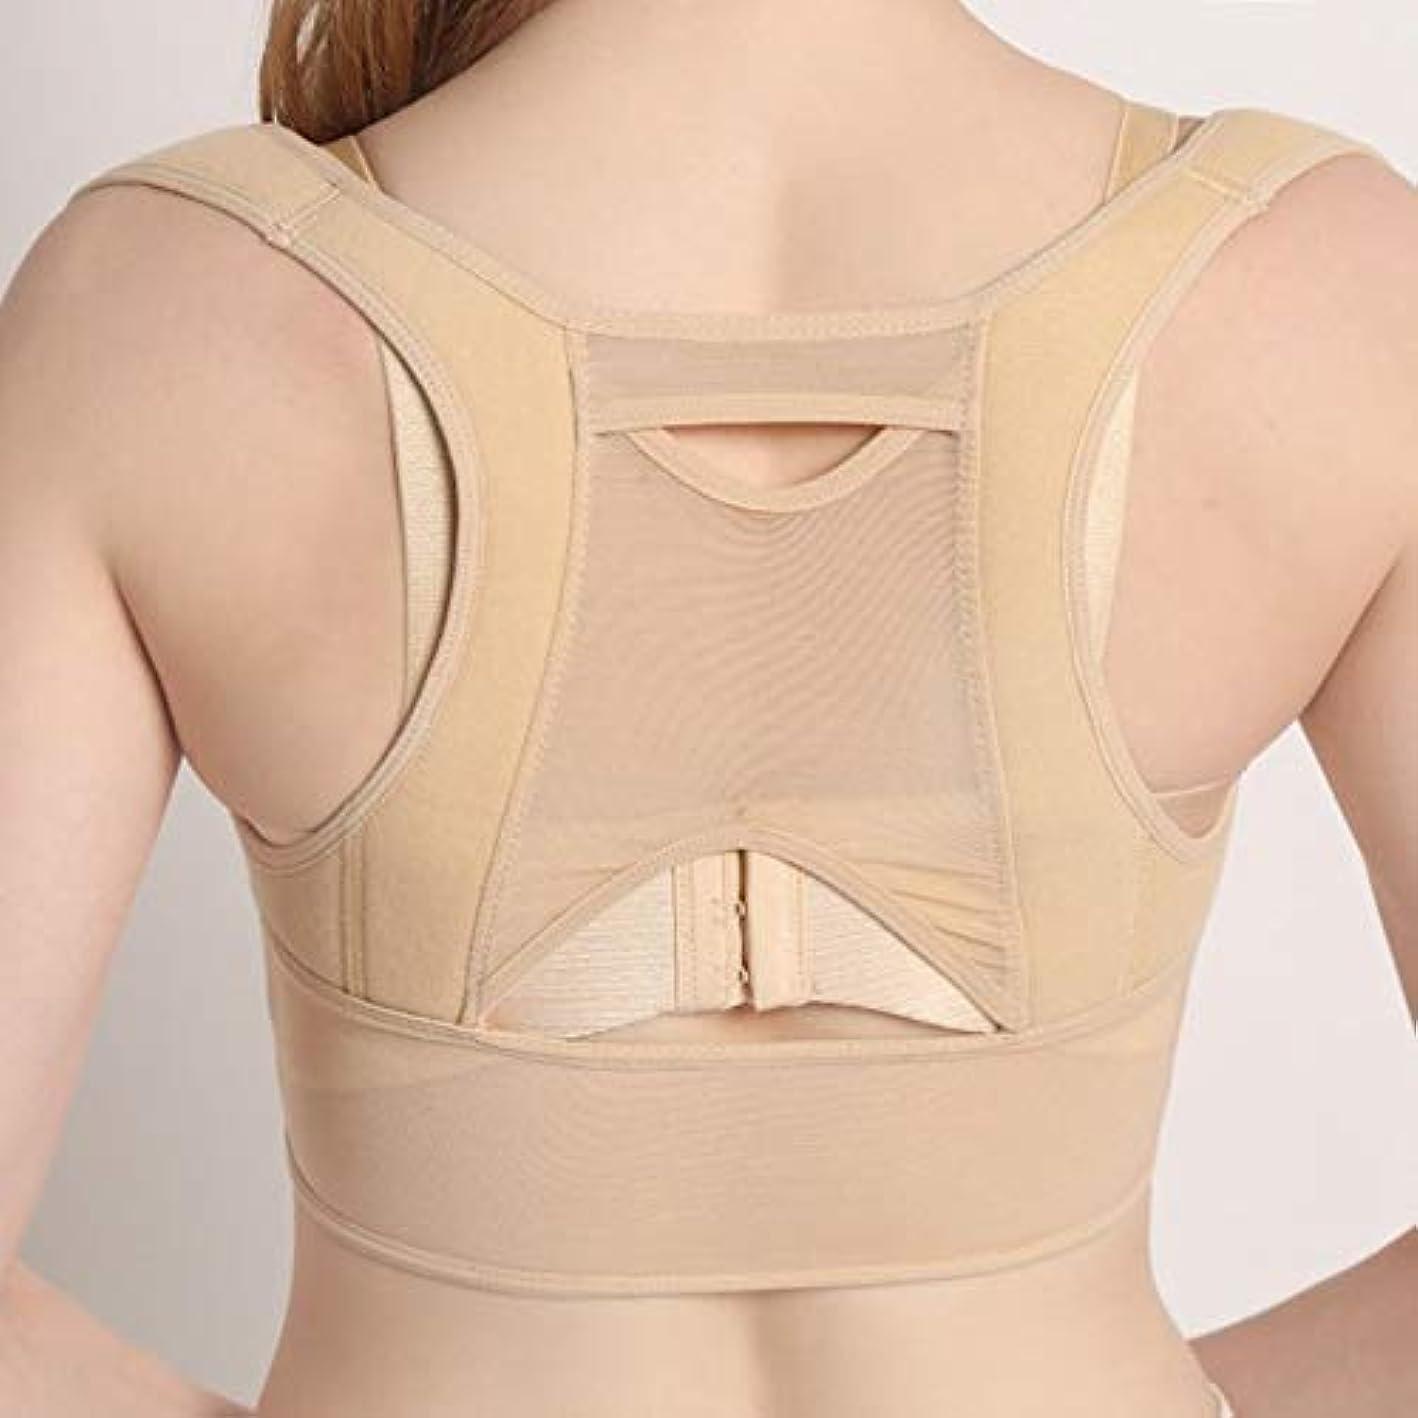 宅配便椅子独立して通気性のある女性の背中の姿勢矯正コルセット整形外科の肩の背骨の姿勢矯正腰椎サポート - ベージュホワイトM